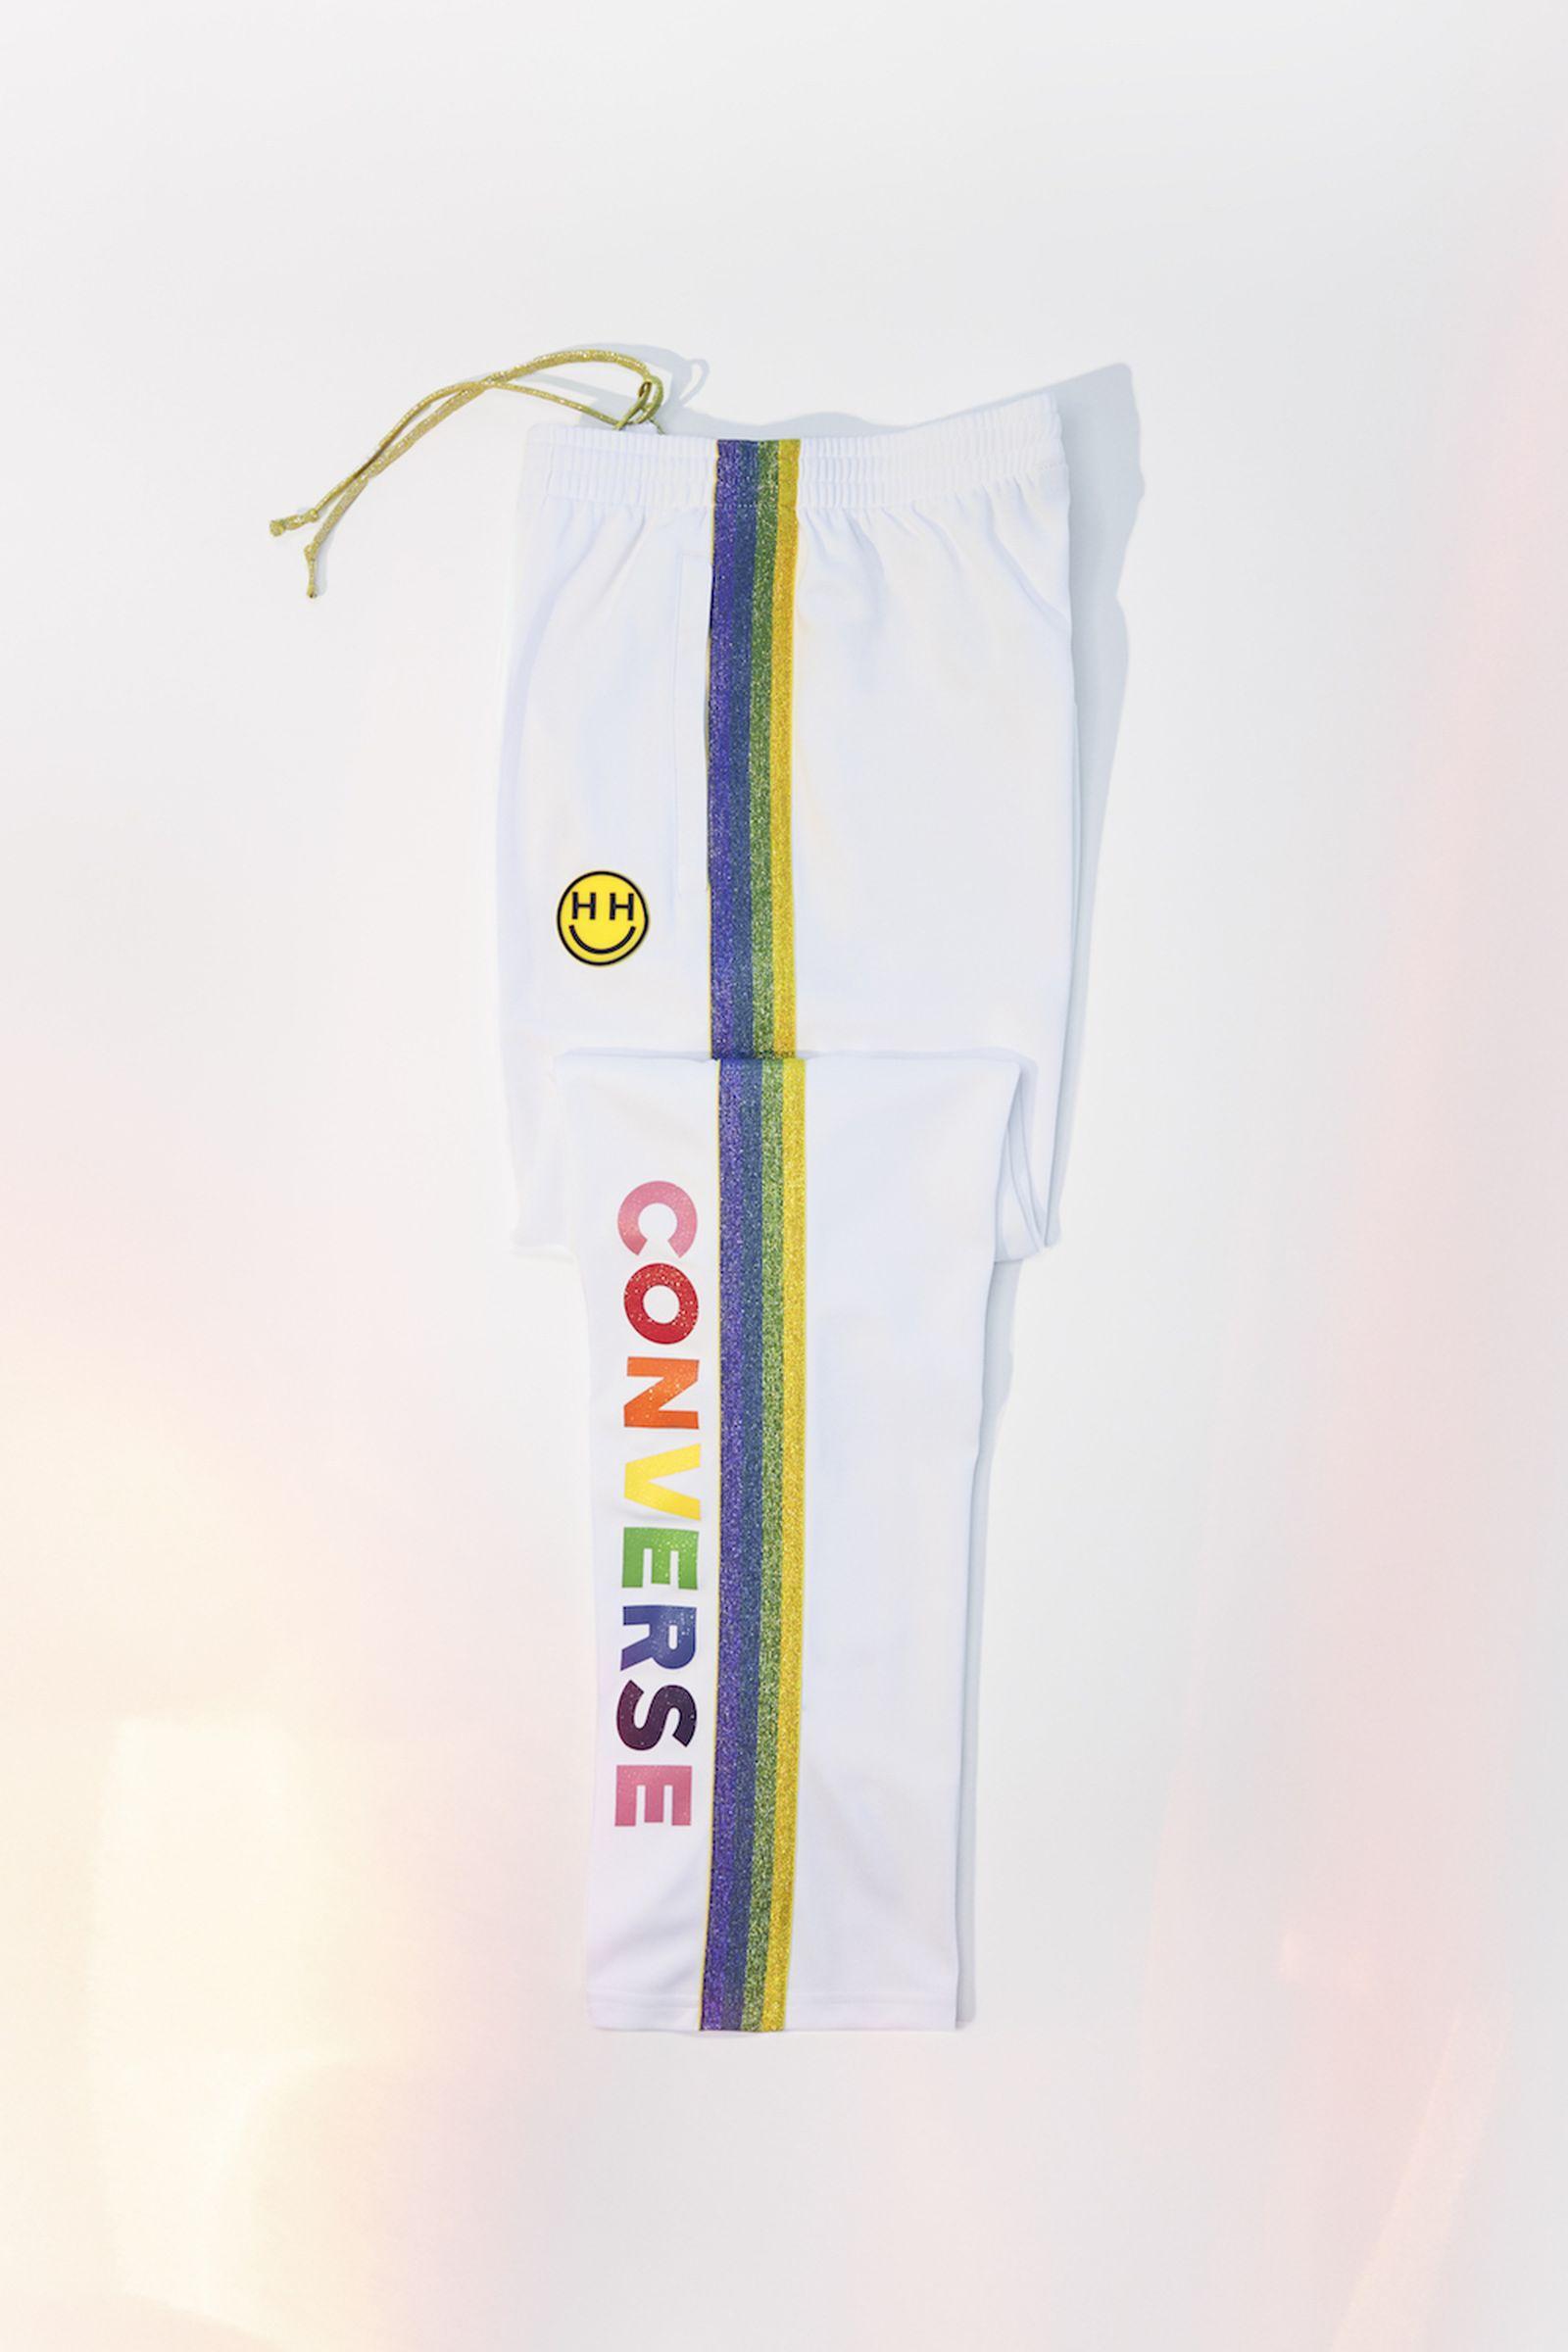 converse pride 2018 collection Miley Cyrus